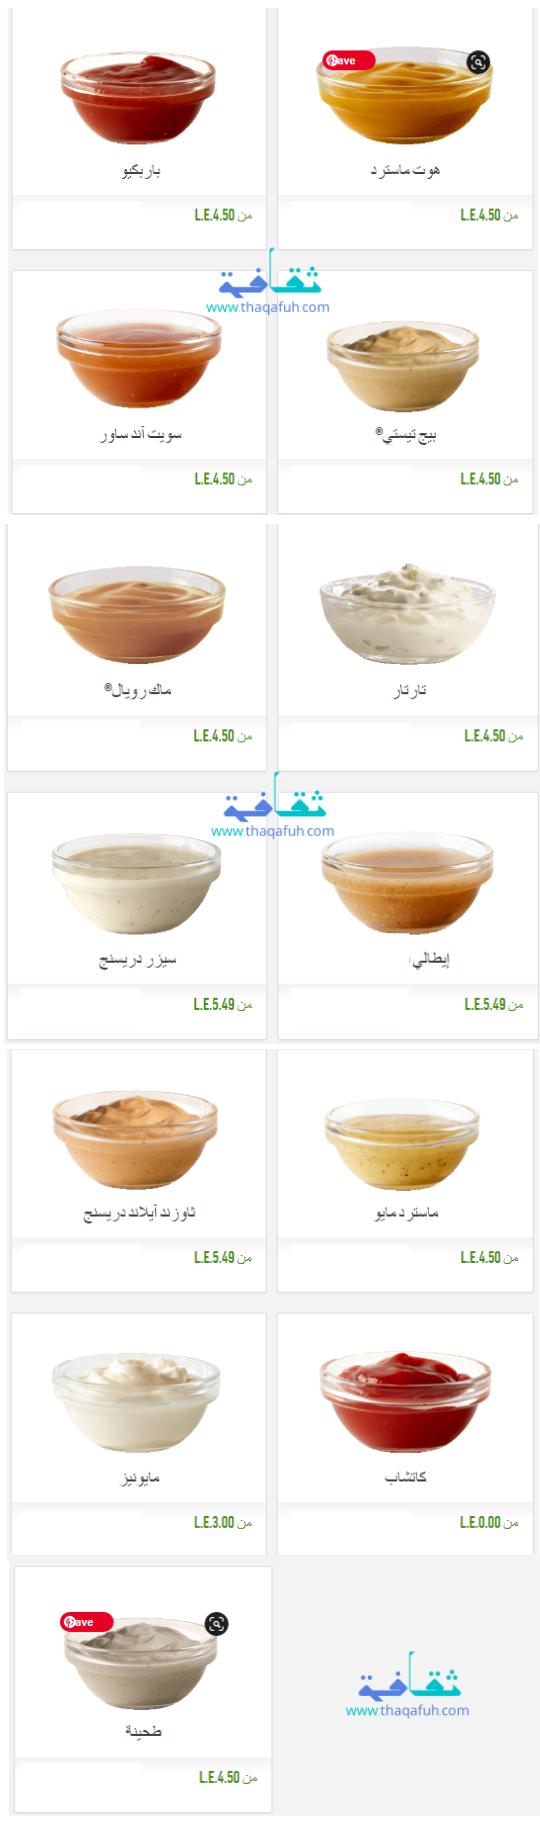 اسعار منيو اضافات الصوص